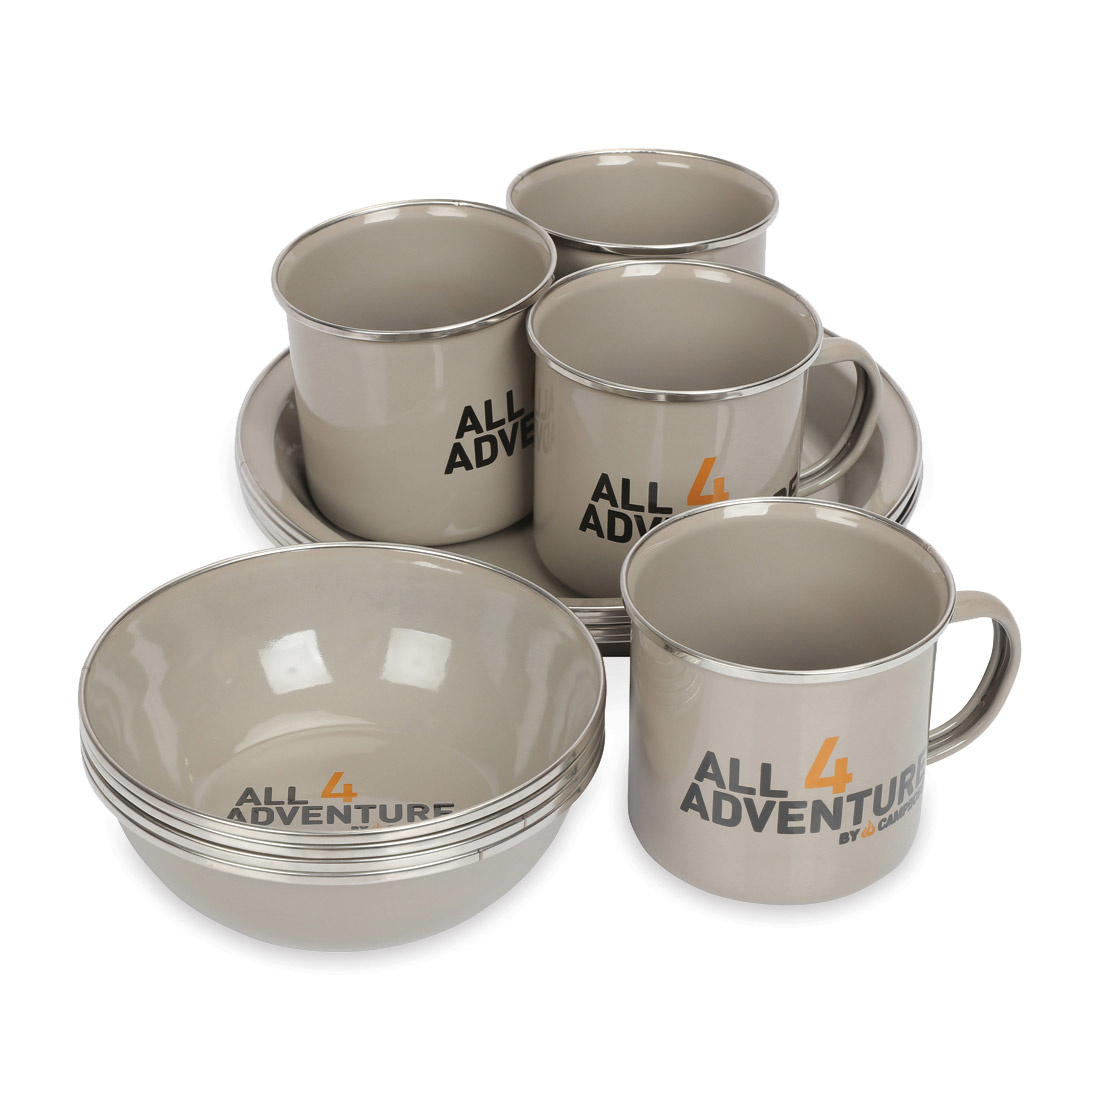 All4Adventure Ensemble de vaisselle en émail (12 pièces)